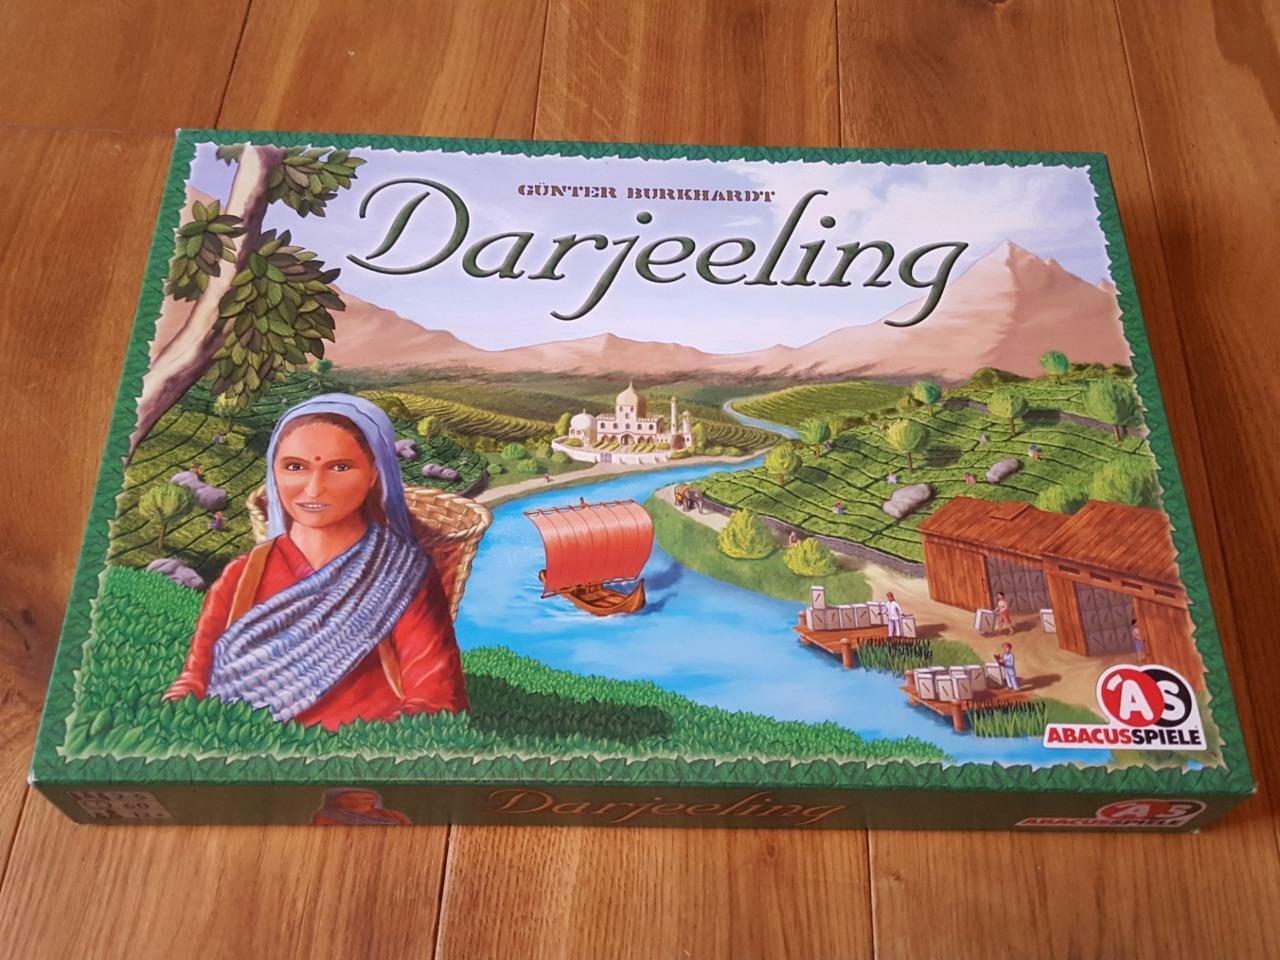 Darjeeling Board Game 100% Complete - GREAT CONDITION 2007 Rio Grande Games